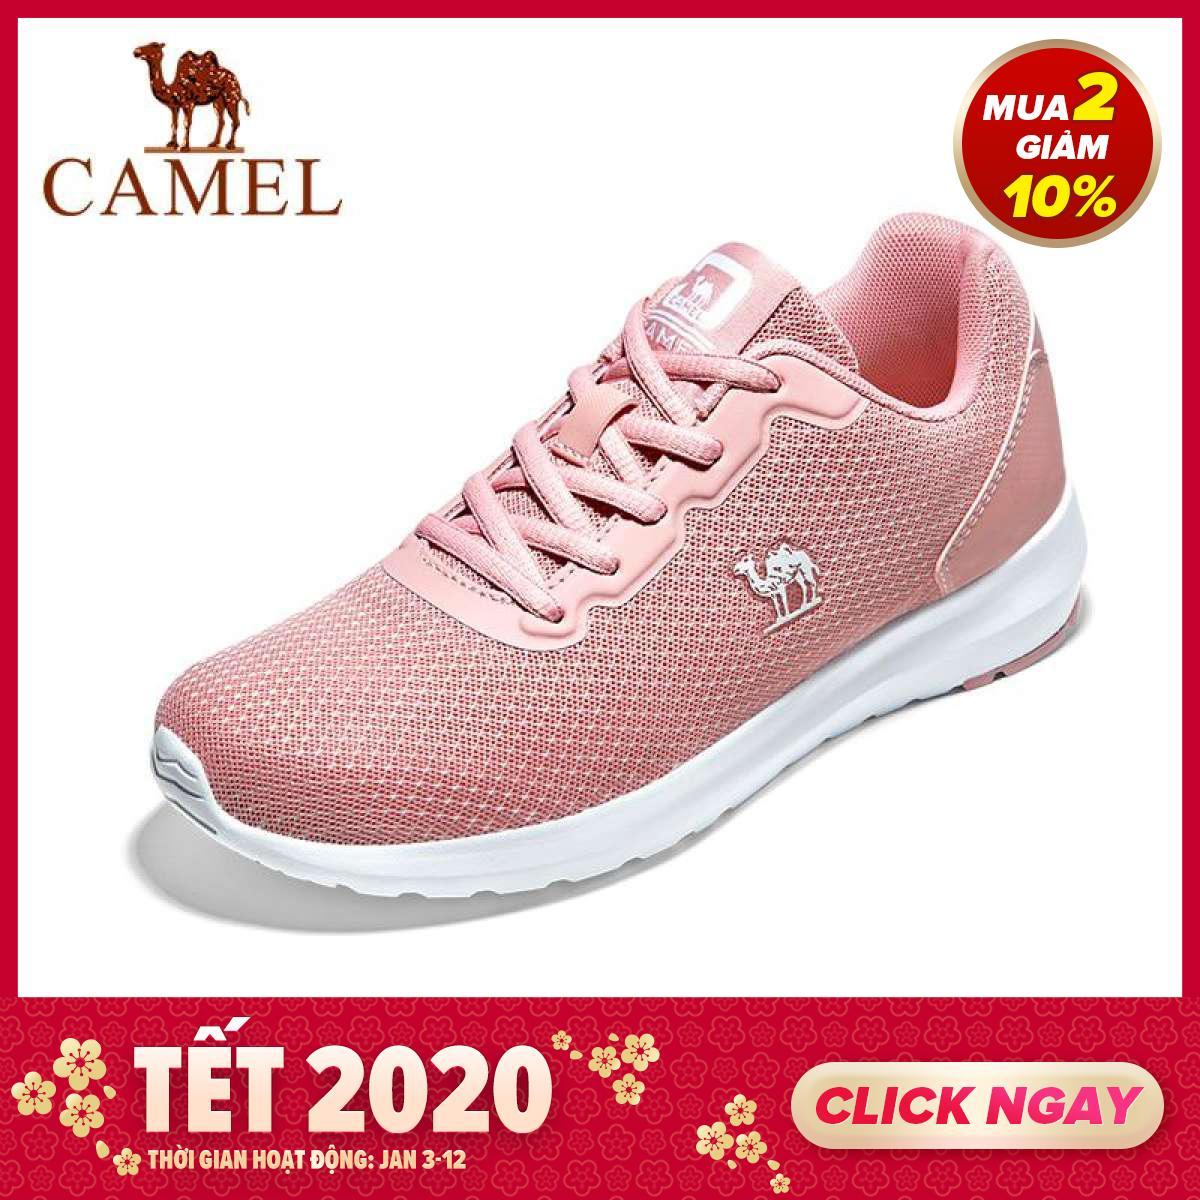 Deal Khuyến Mại Giày Thể Thao Lạc Đà Giày Chạy Bộ Nữ Giày Thường Ngày Xu Hướng Thời Trang Giày Chạy Bộ Thoáng Khí Nhẹ